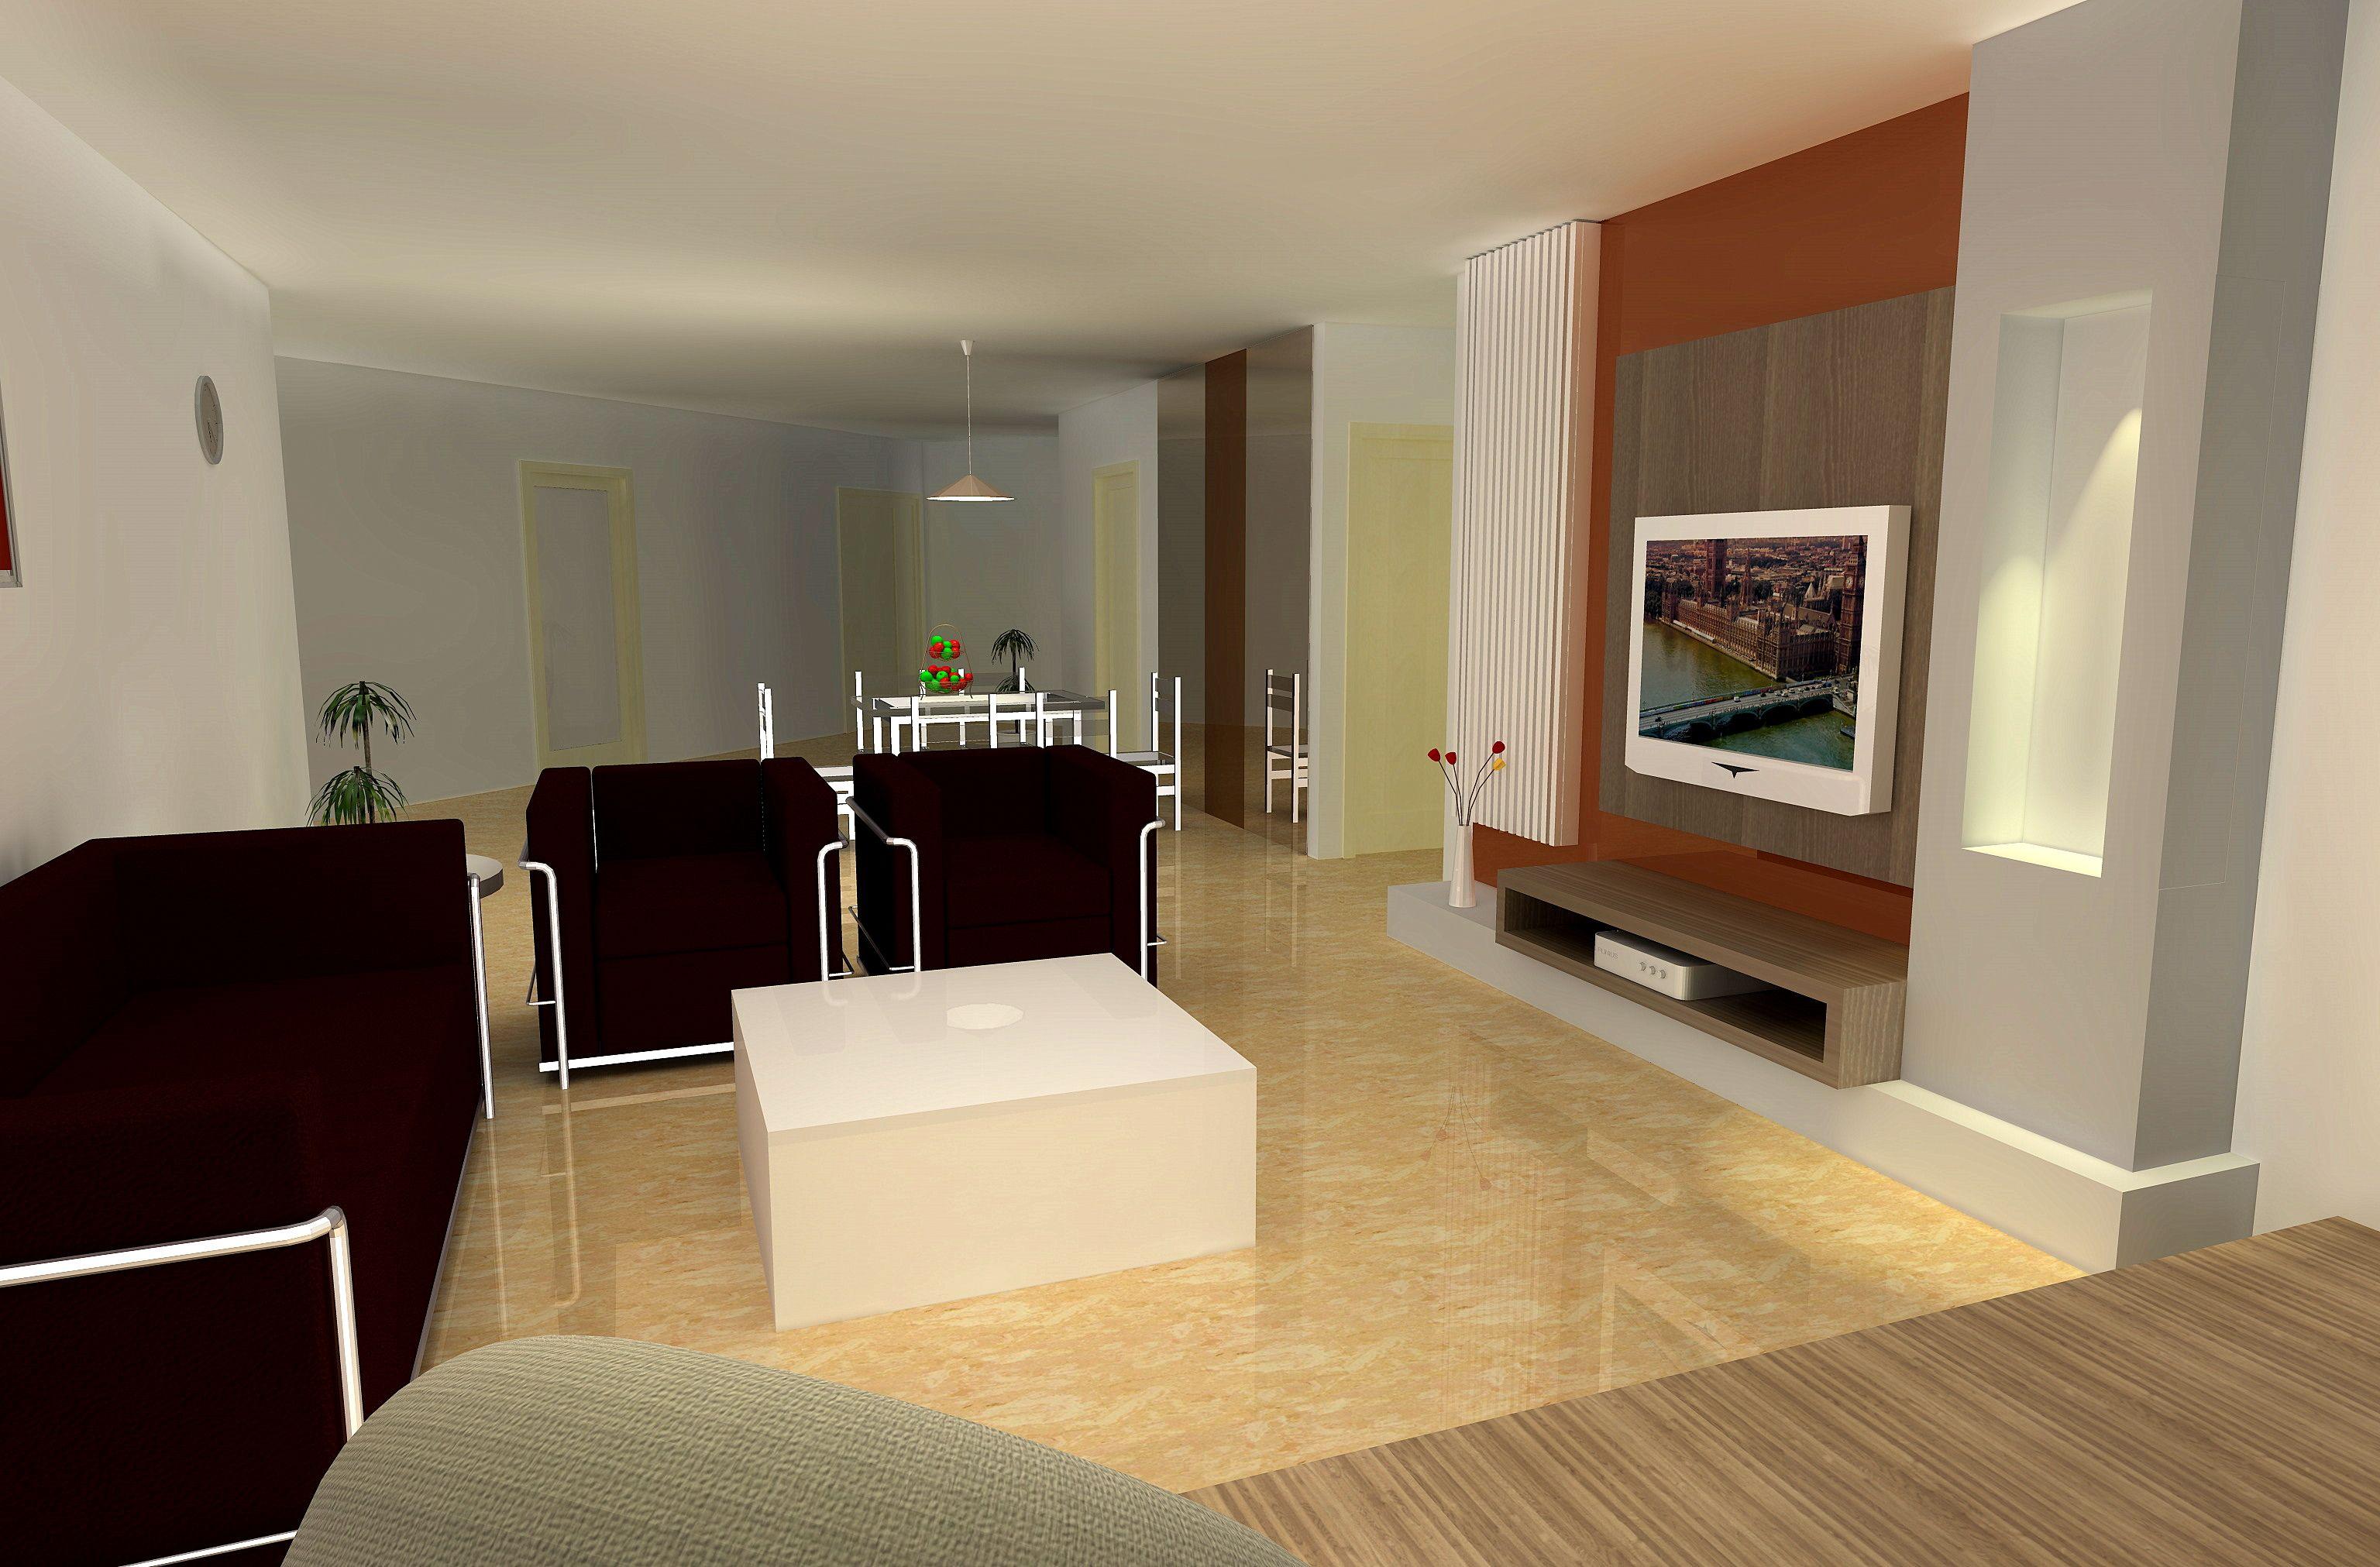 Living Hall Interior Design Ideas \u00bb Design And Ideas